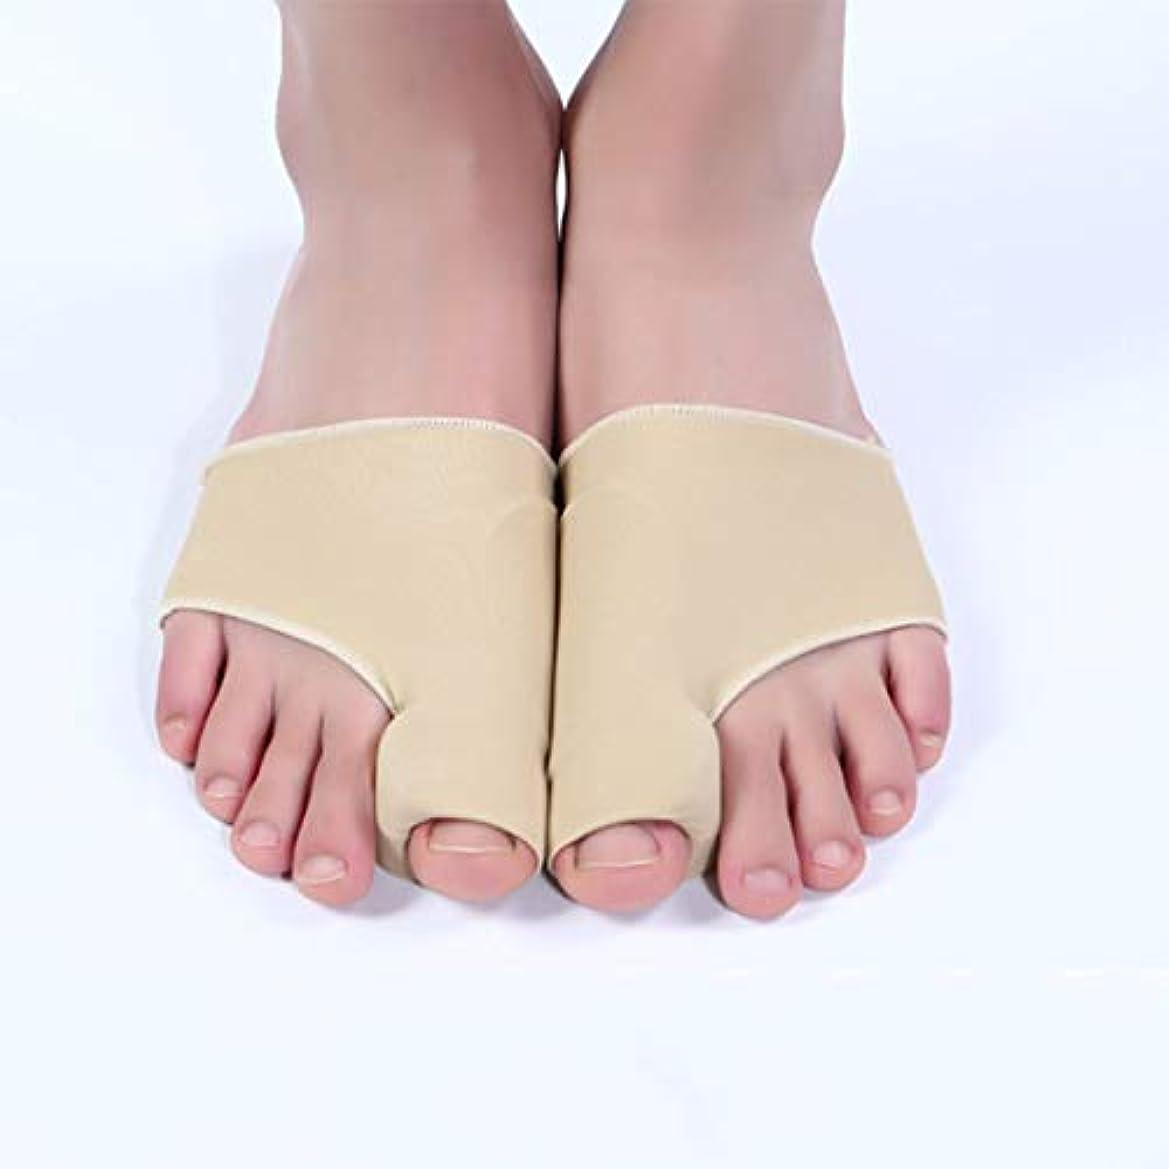 病名門実用的腱膜瘤矯正と腱膜瘤救済、女性と男性のための整形外科の足の親指矯正、昼夜のサポート、外反母Valの治療と予防,Onesize